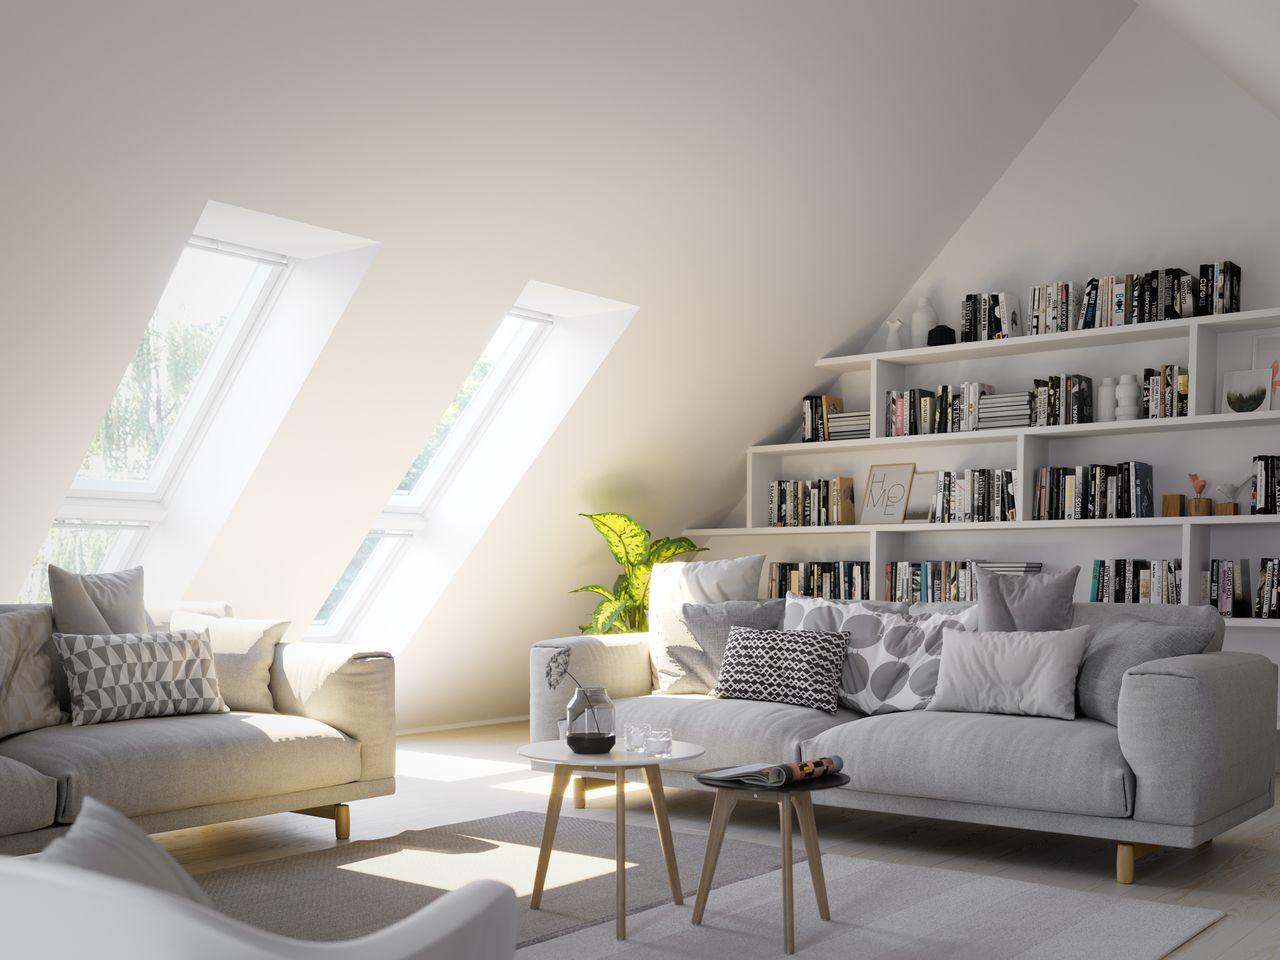 Wohnzimmer Lounge ~ 58 best wohnzimmer images on pinterest